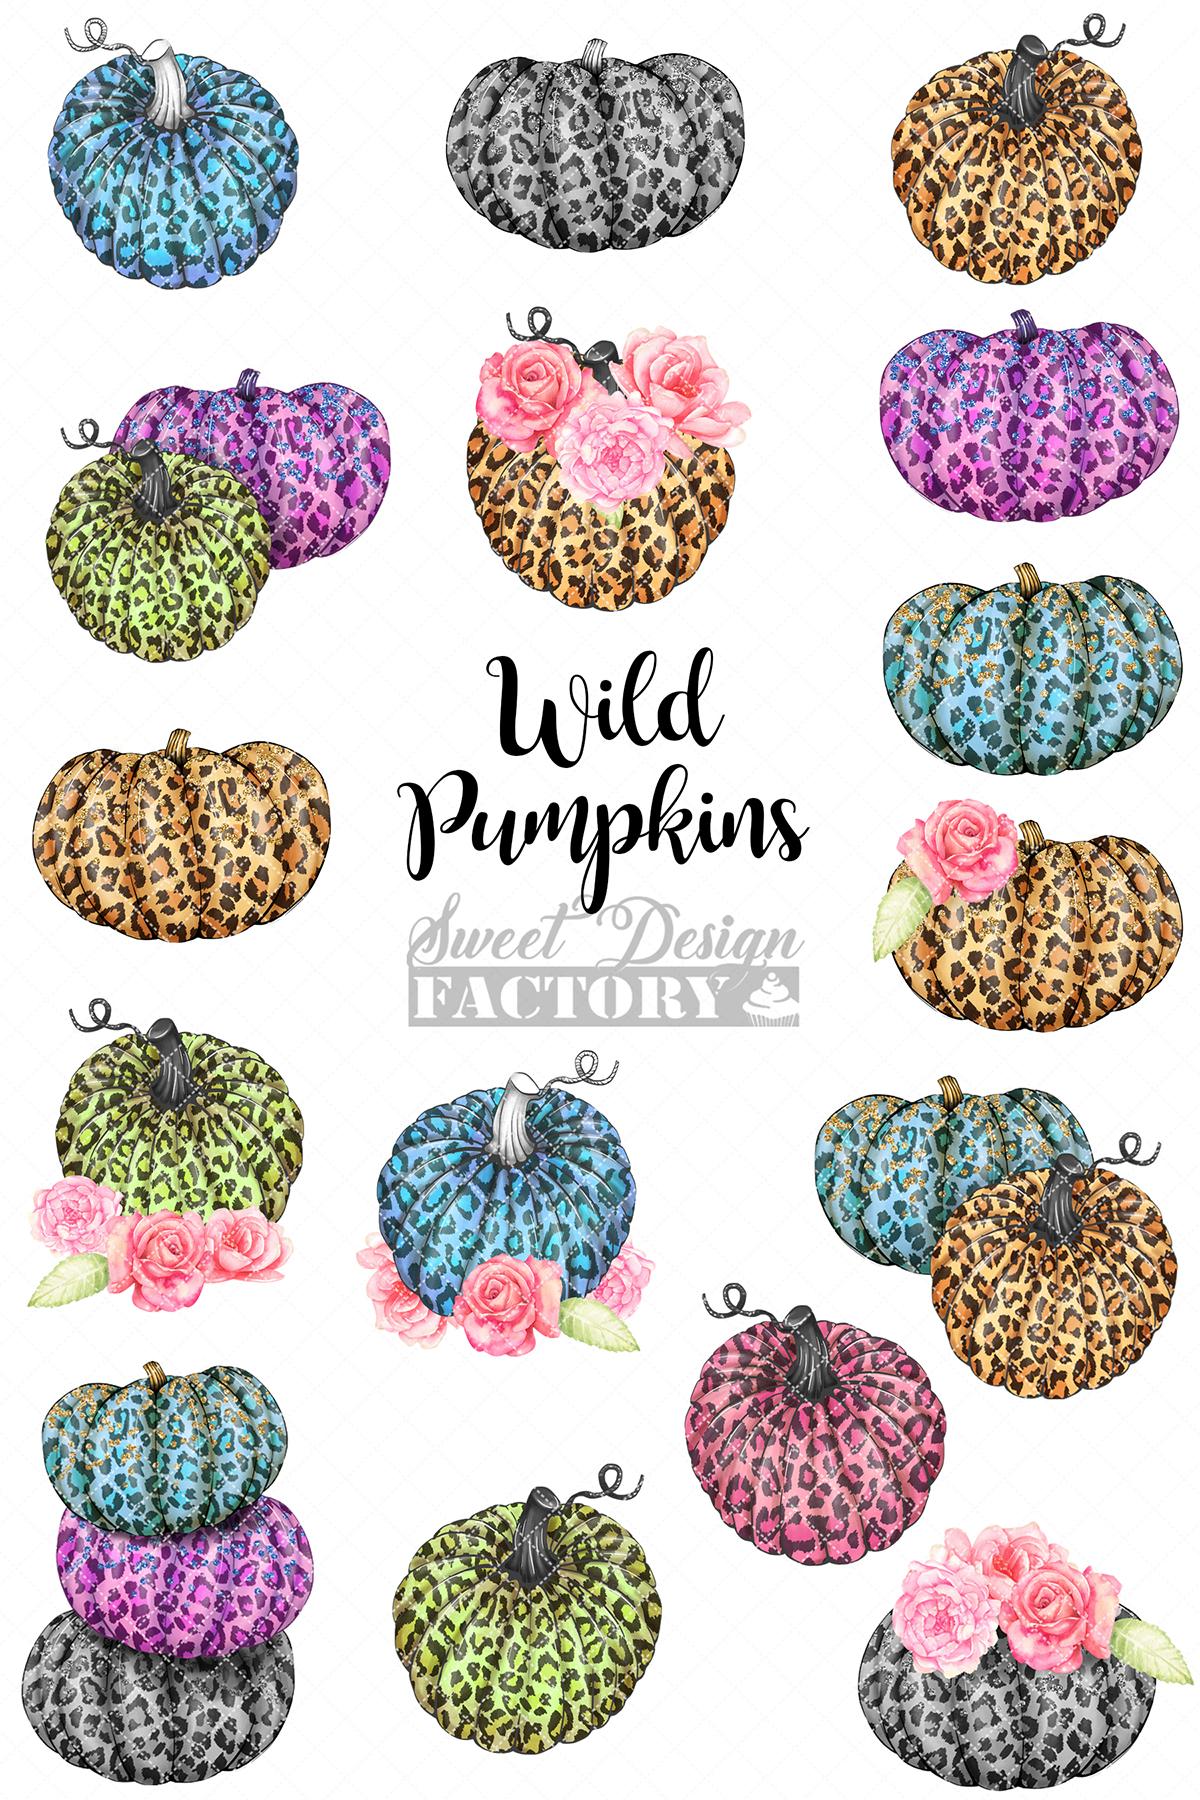 Leopard pumpkins cliparts example image 3